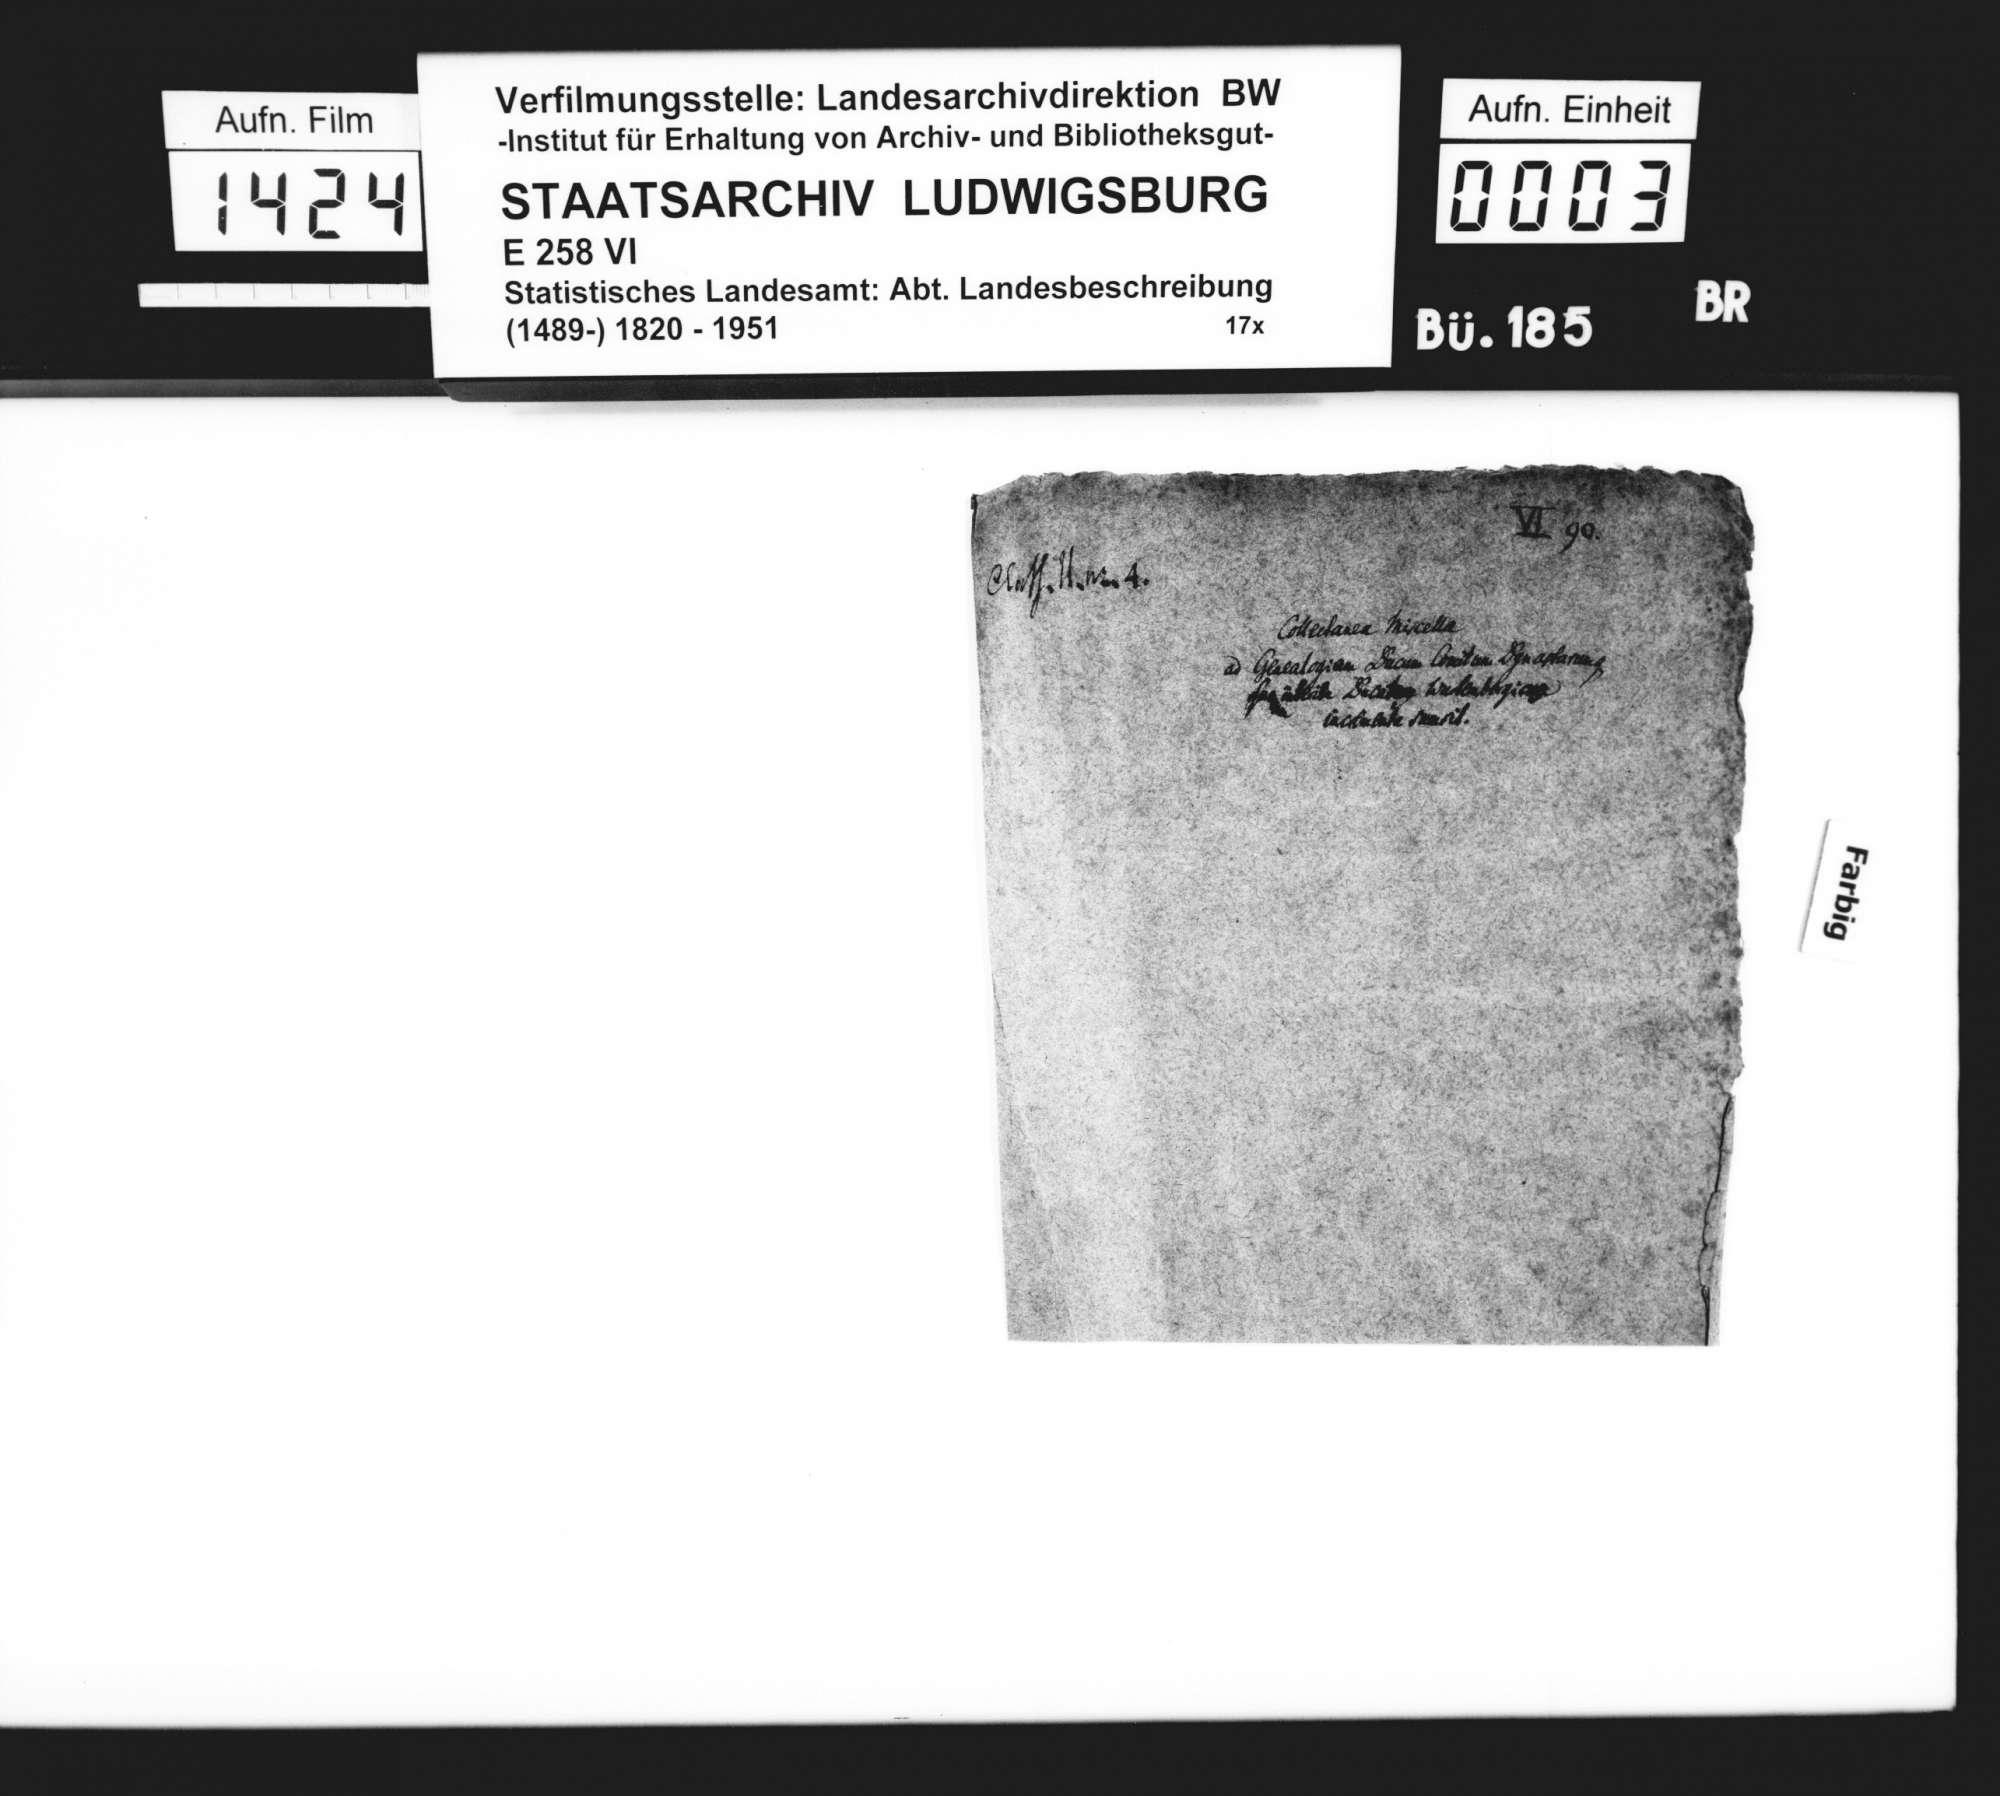 Exzerpte und Manuskripte [des Staatsarchivars Wilhelm Ferdinand Ludwig Scheffer] zur mittelalterlichen Geschichte im deutschen Südwesten: